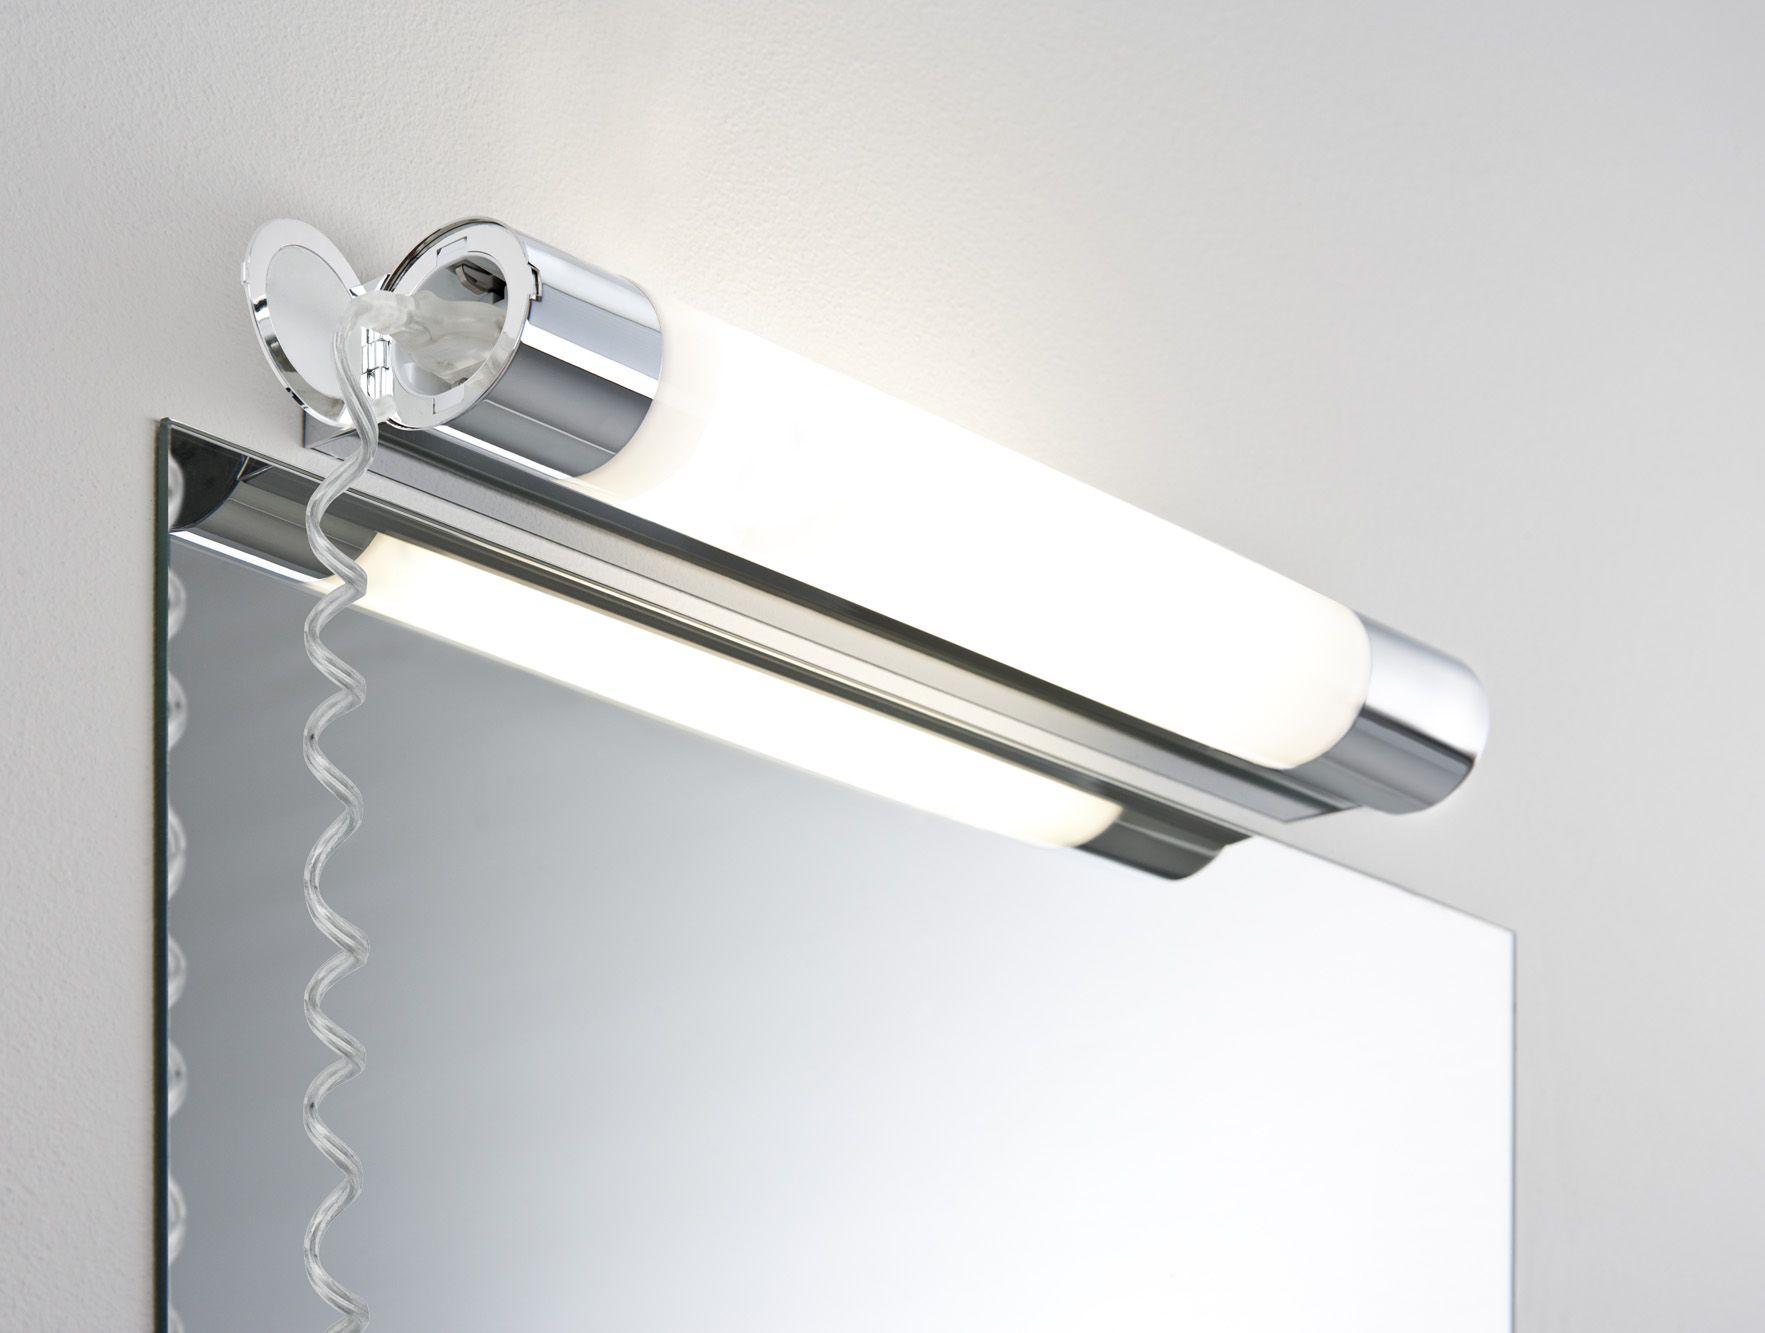 Hublot Salle De Bain Sarlam ~ neon salle de bain avec interrupteur id es inspir es pour la